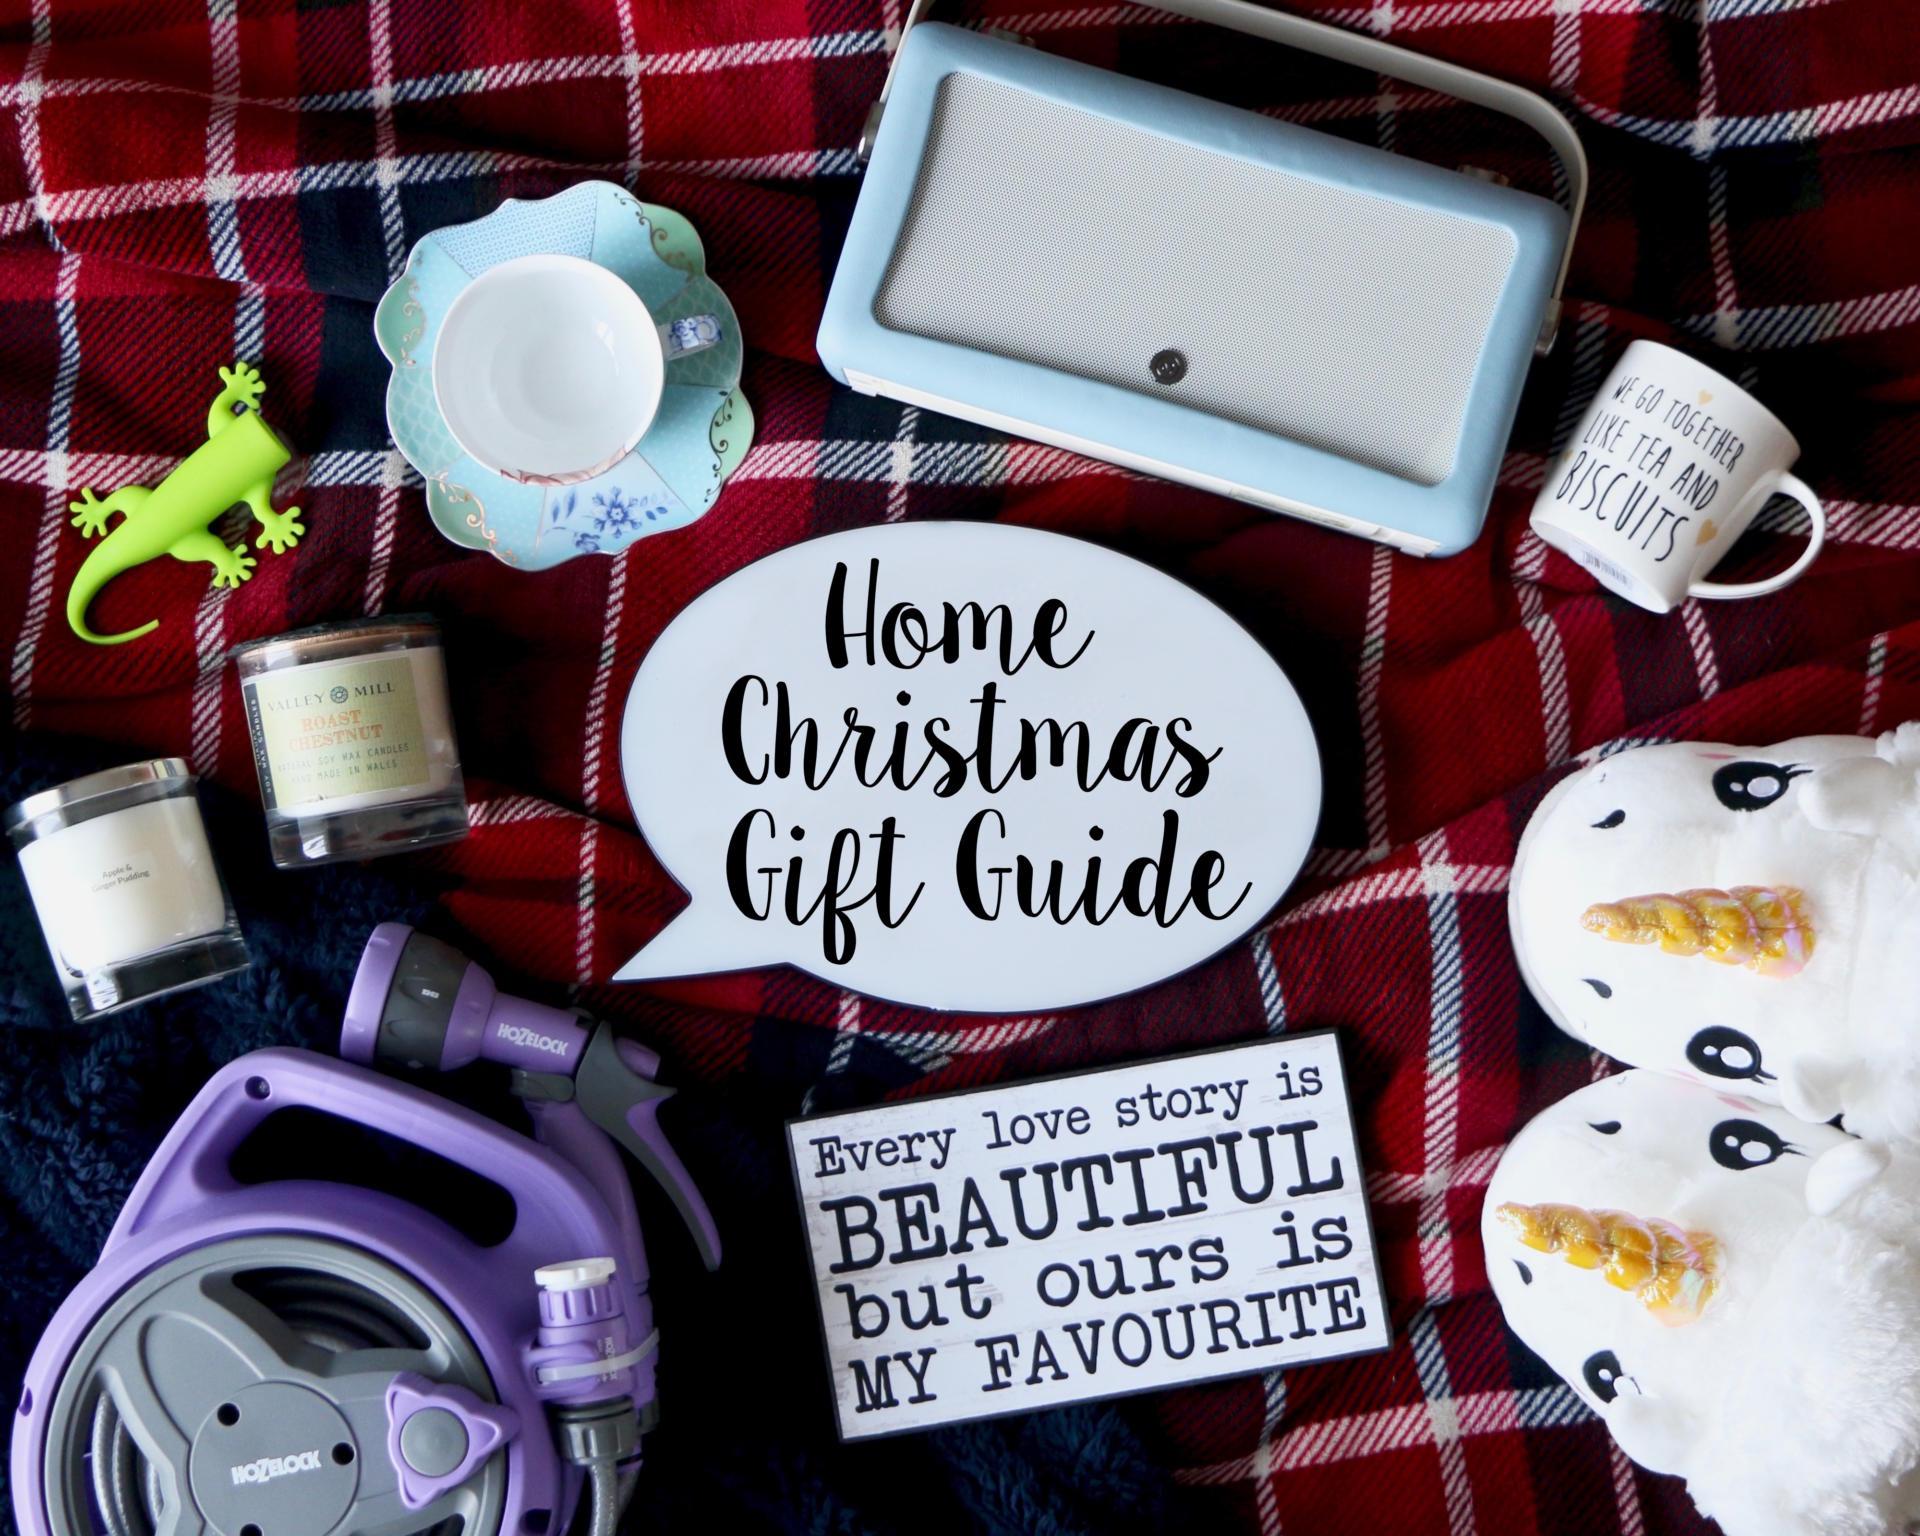 home-christmas-gift-guide